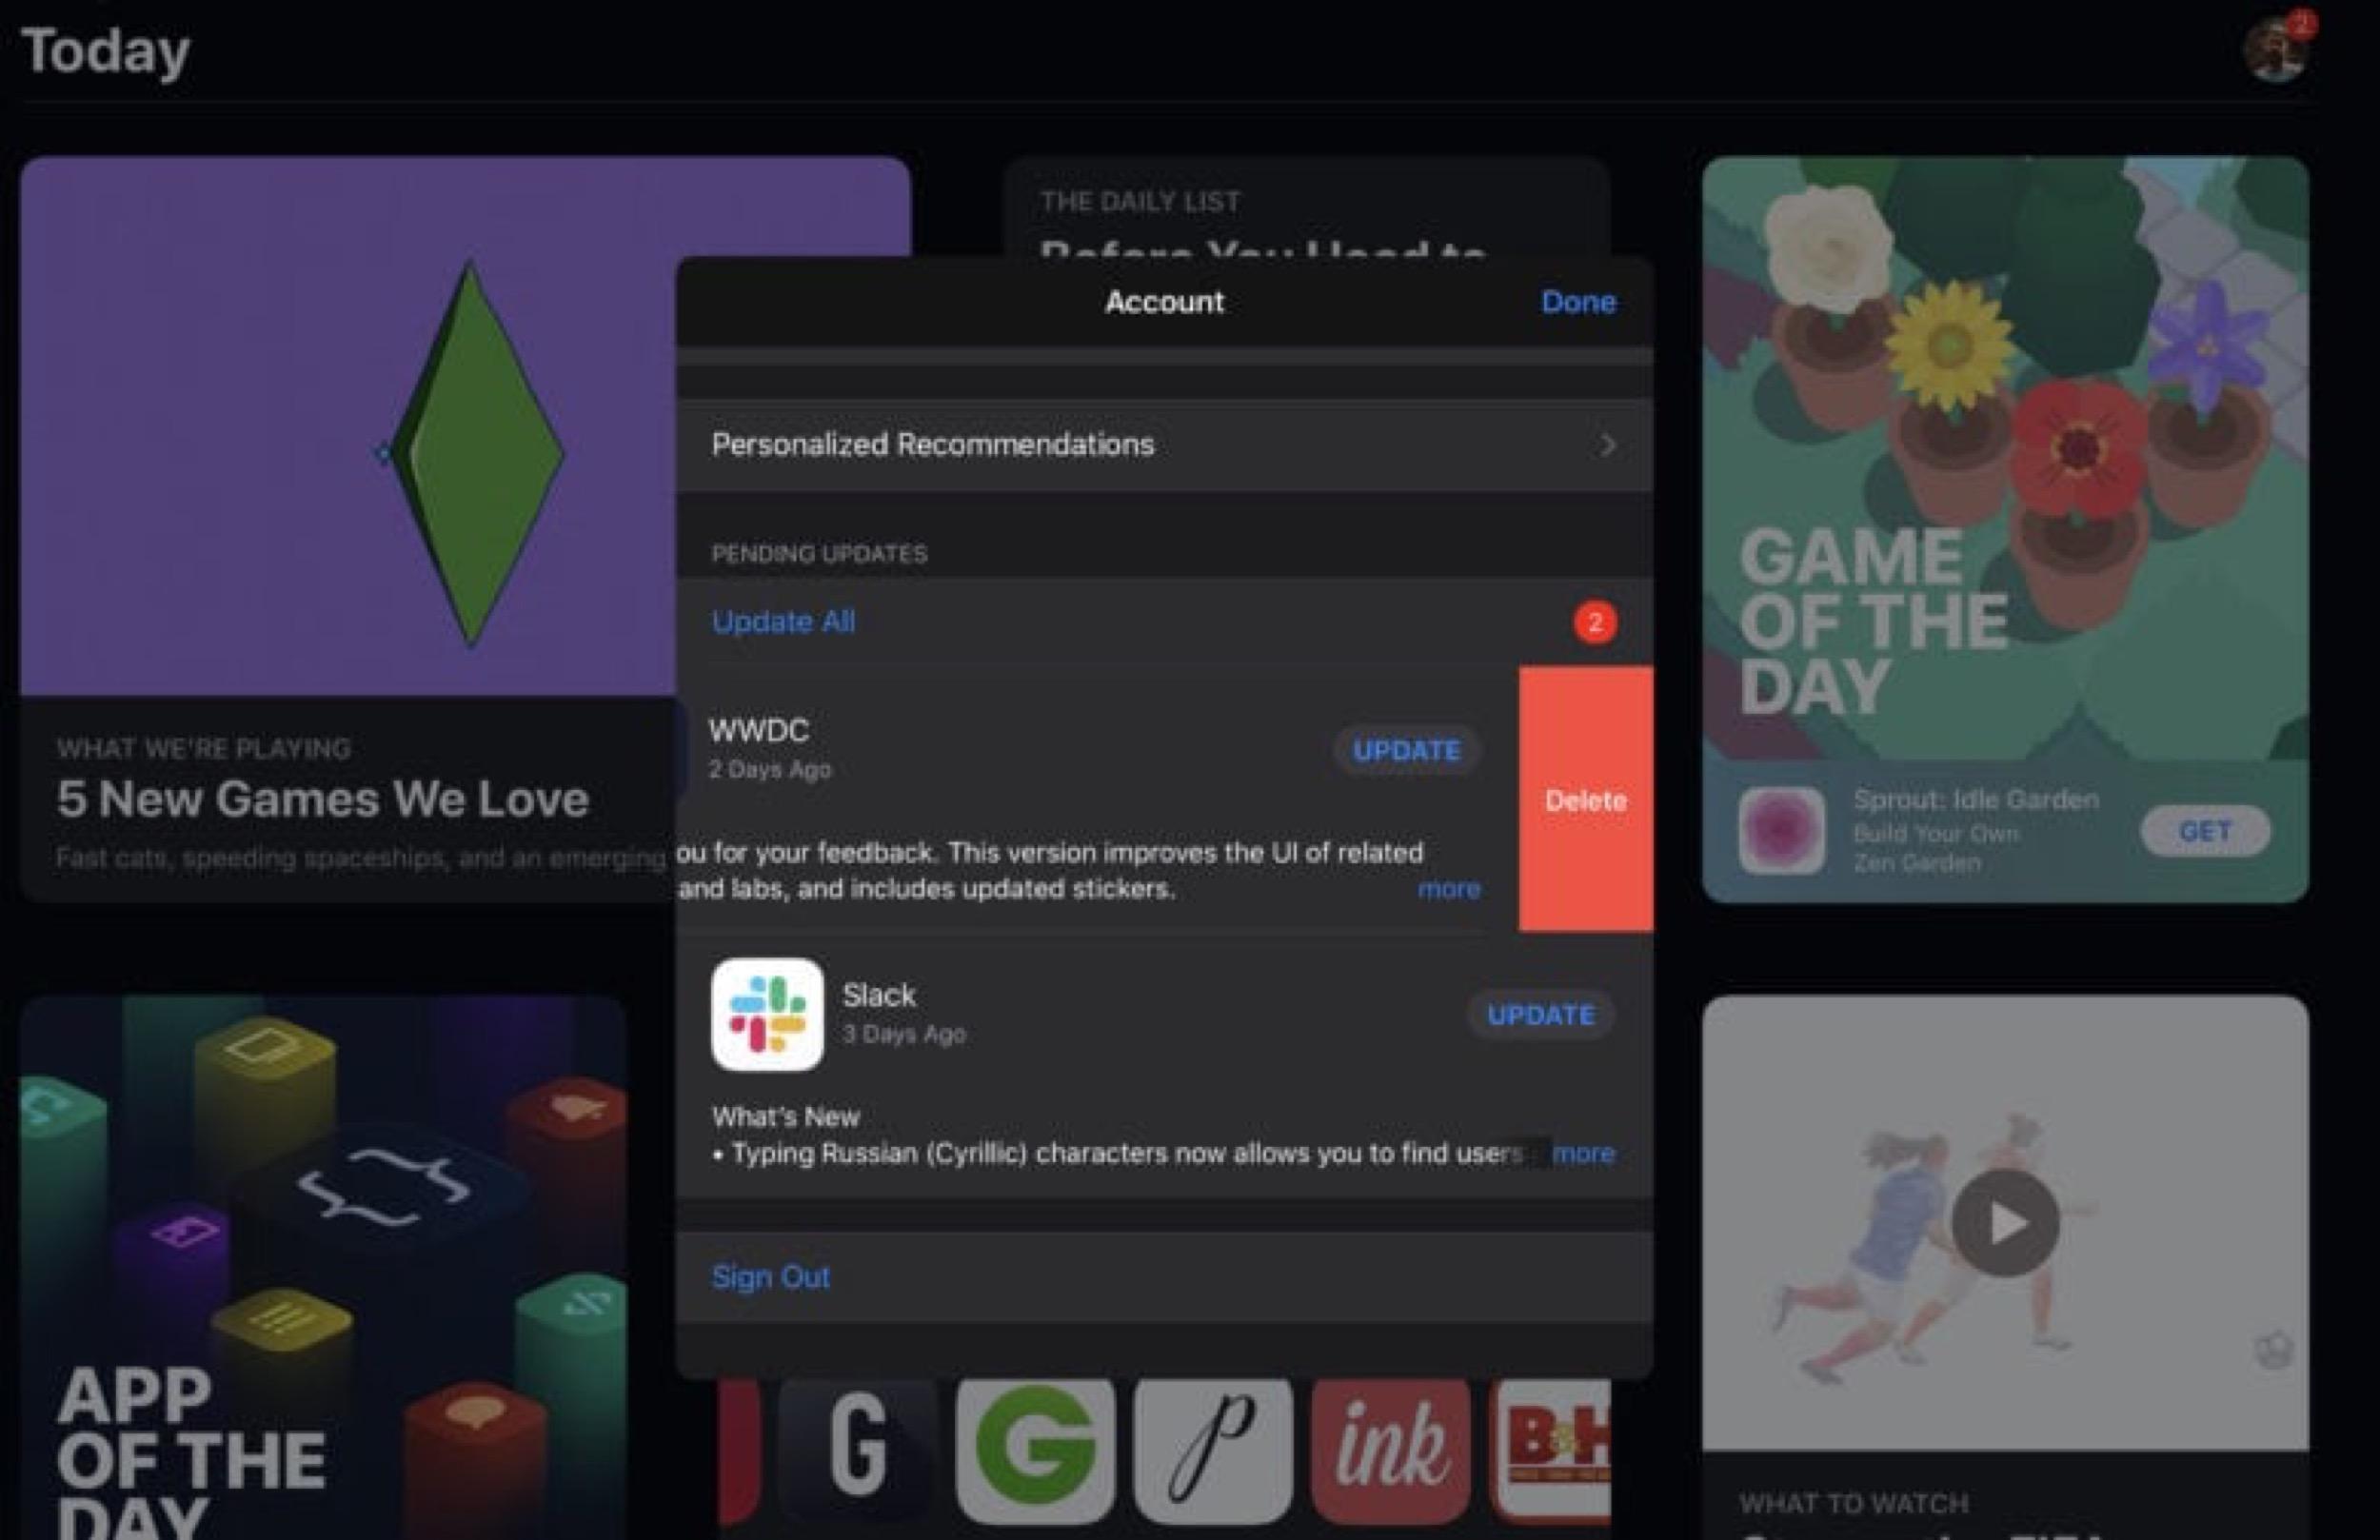 Du nouveau pour les mises à jour d'app et suppression facilitée avec iOS 13 1